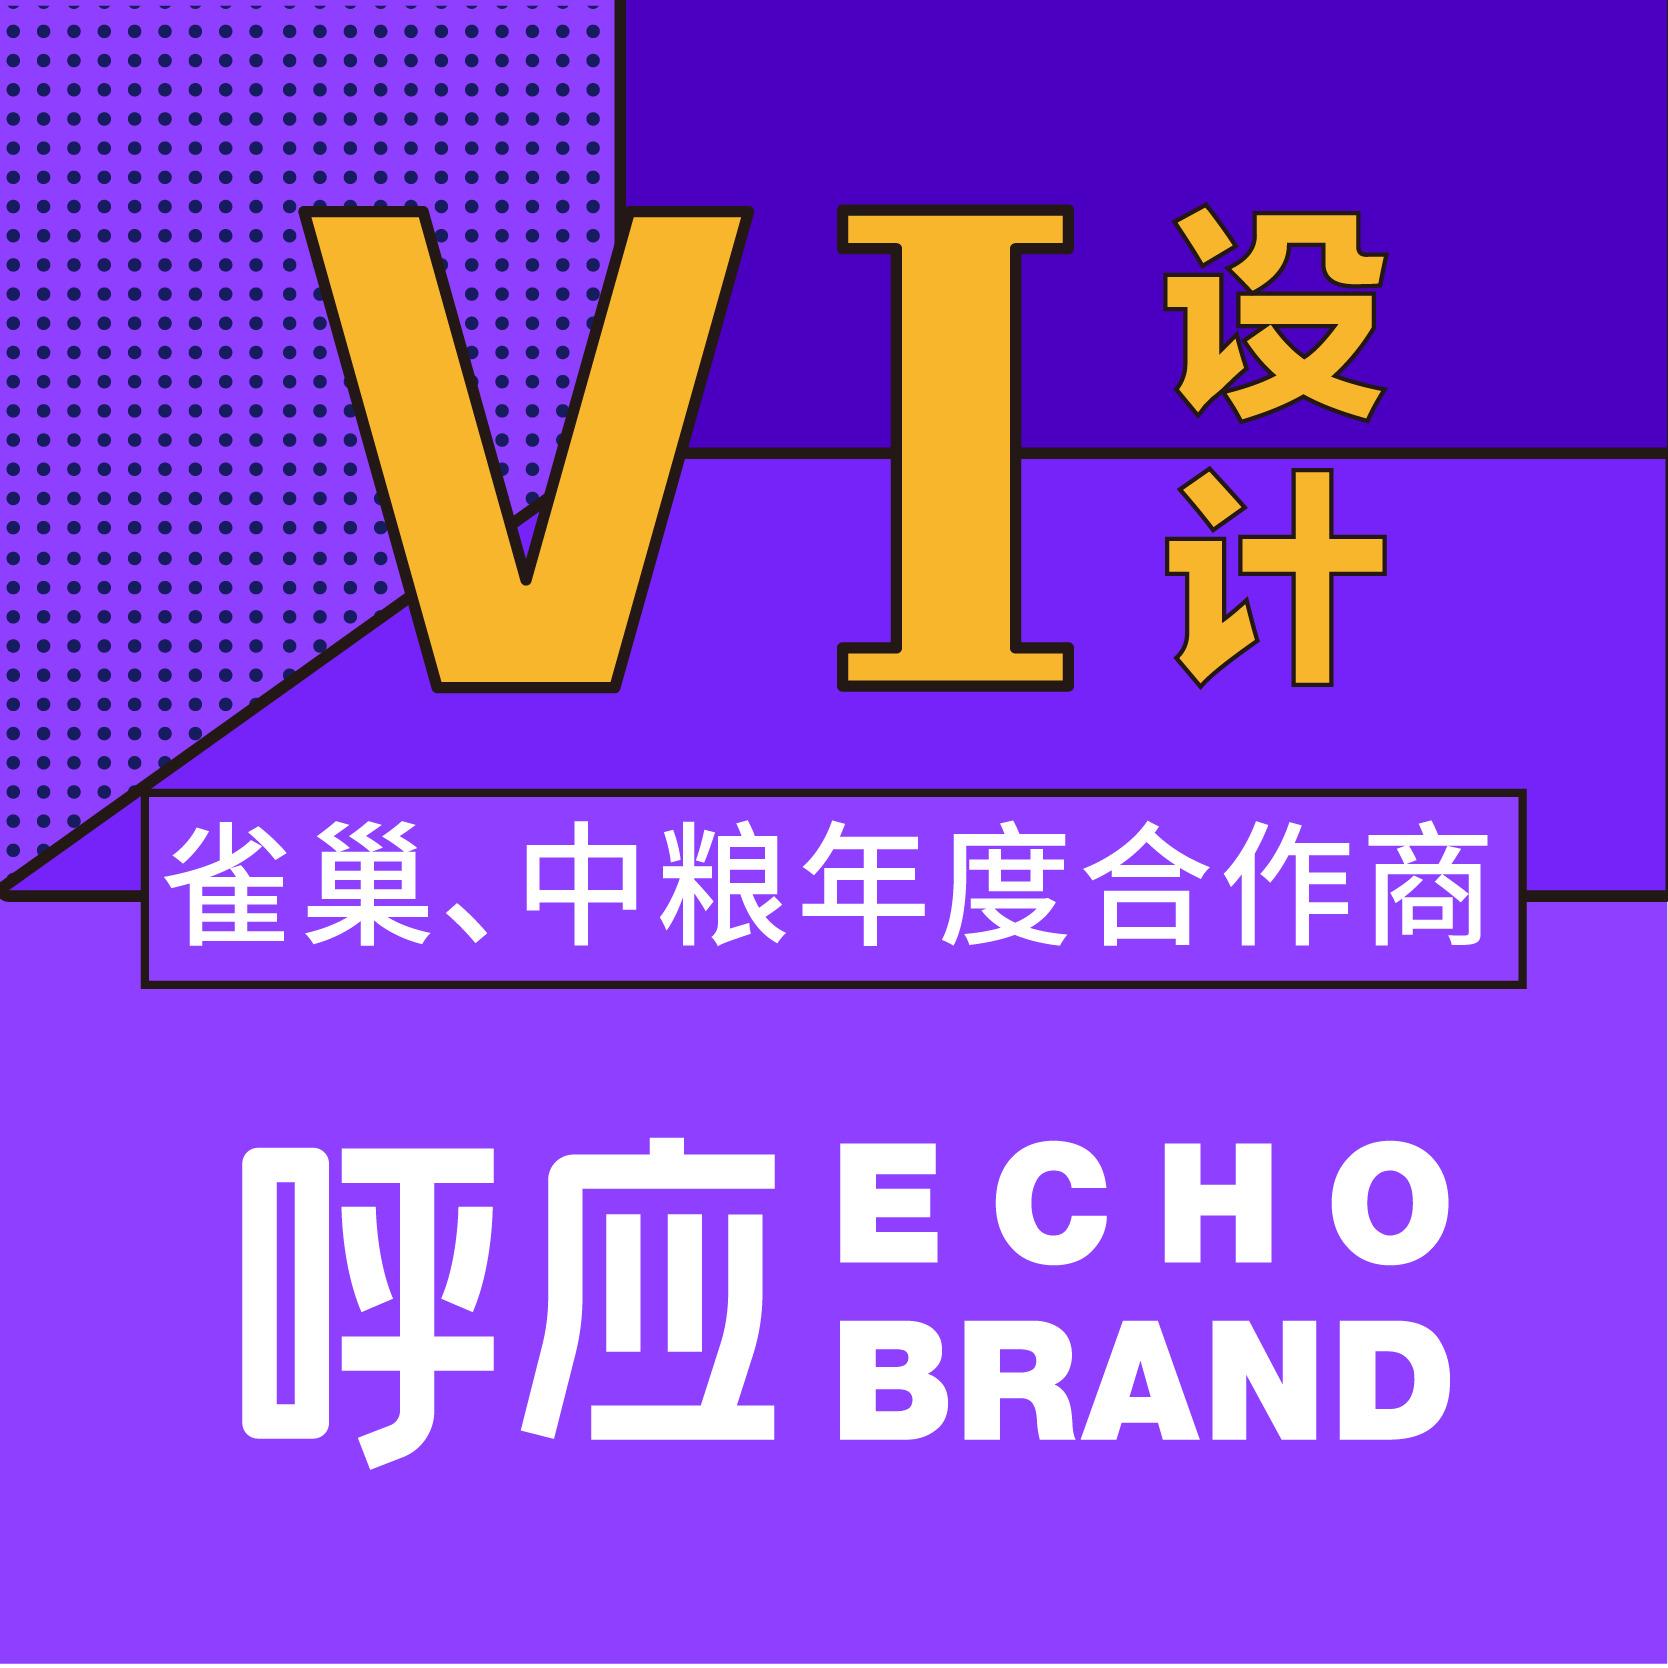 餐饮品牌VI设计全案新中式日式火锅小吃奶茶饮logo品牌设计